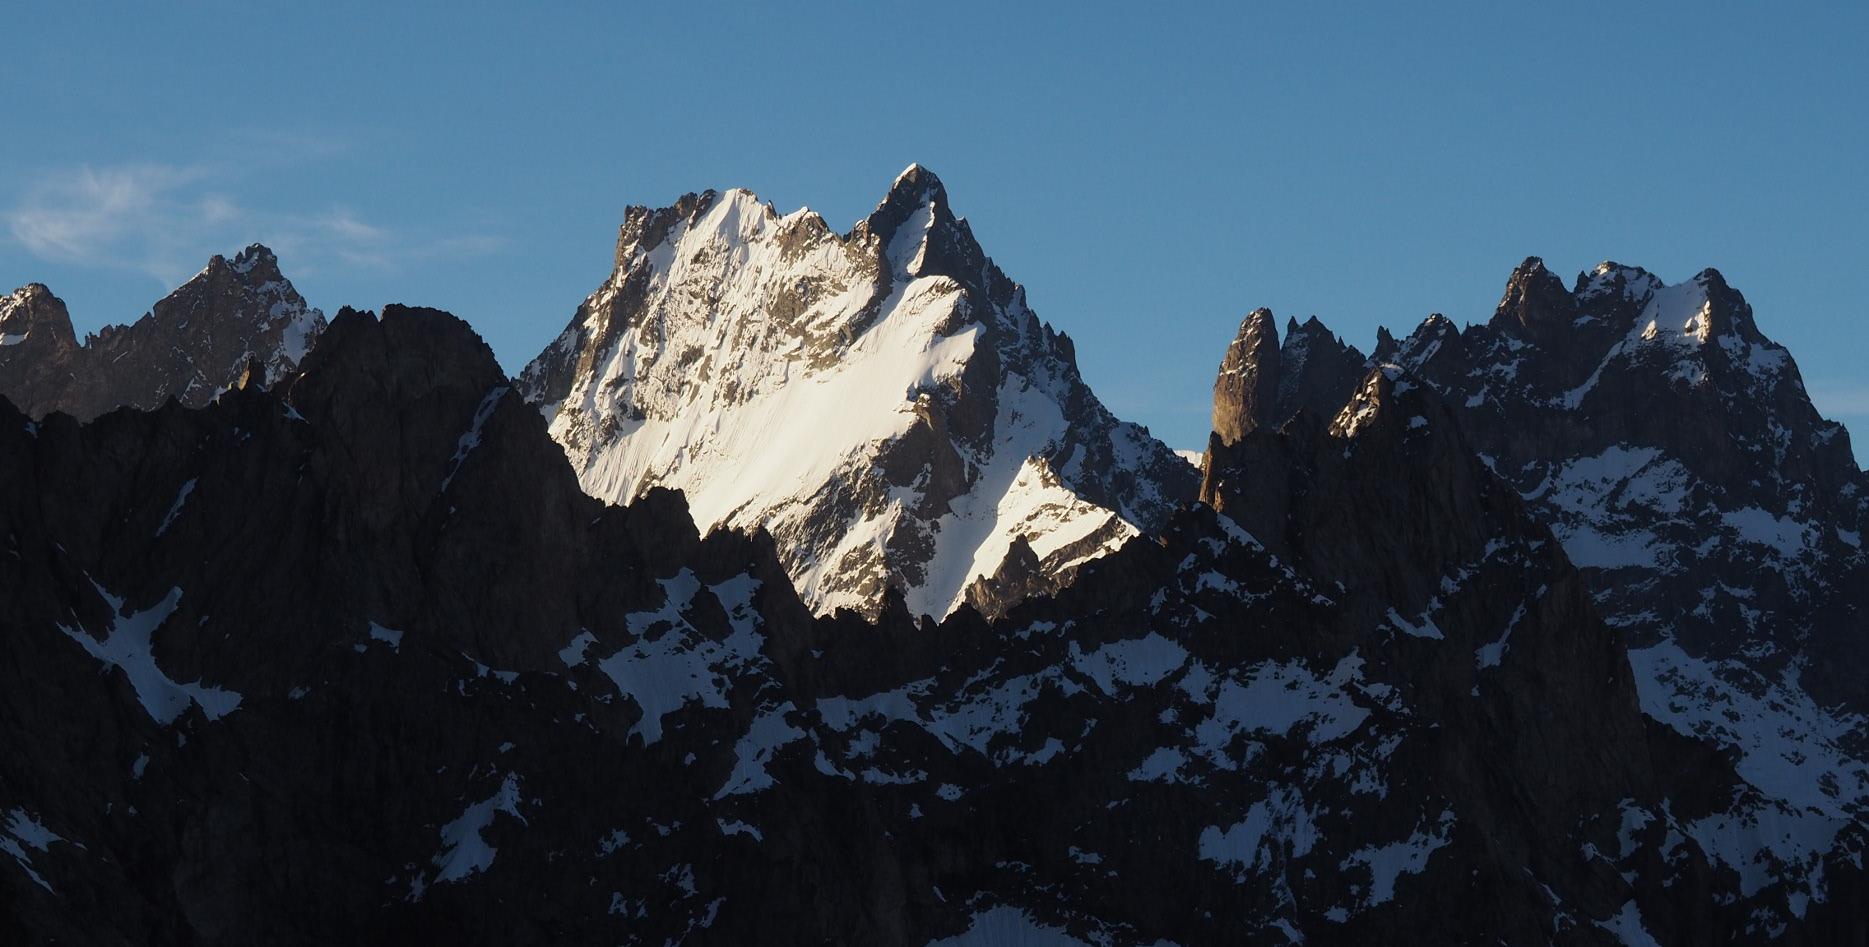 Réveil soleil ce matin sur le sommet de la Grande Ruine. Dans la bréche rocheuse juste à droite du sommet on aperçoit en tout petit le sommet de la Barre des Ecrins !